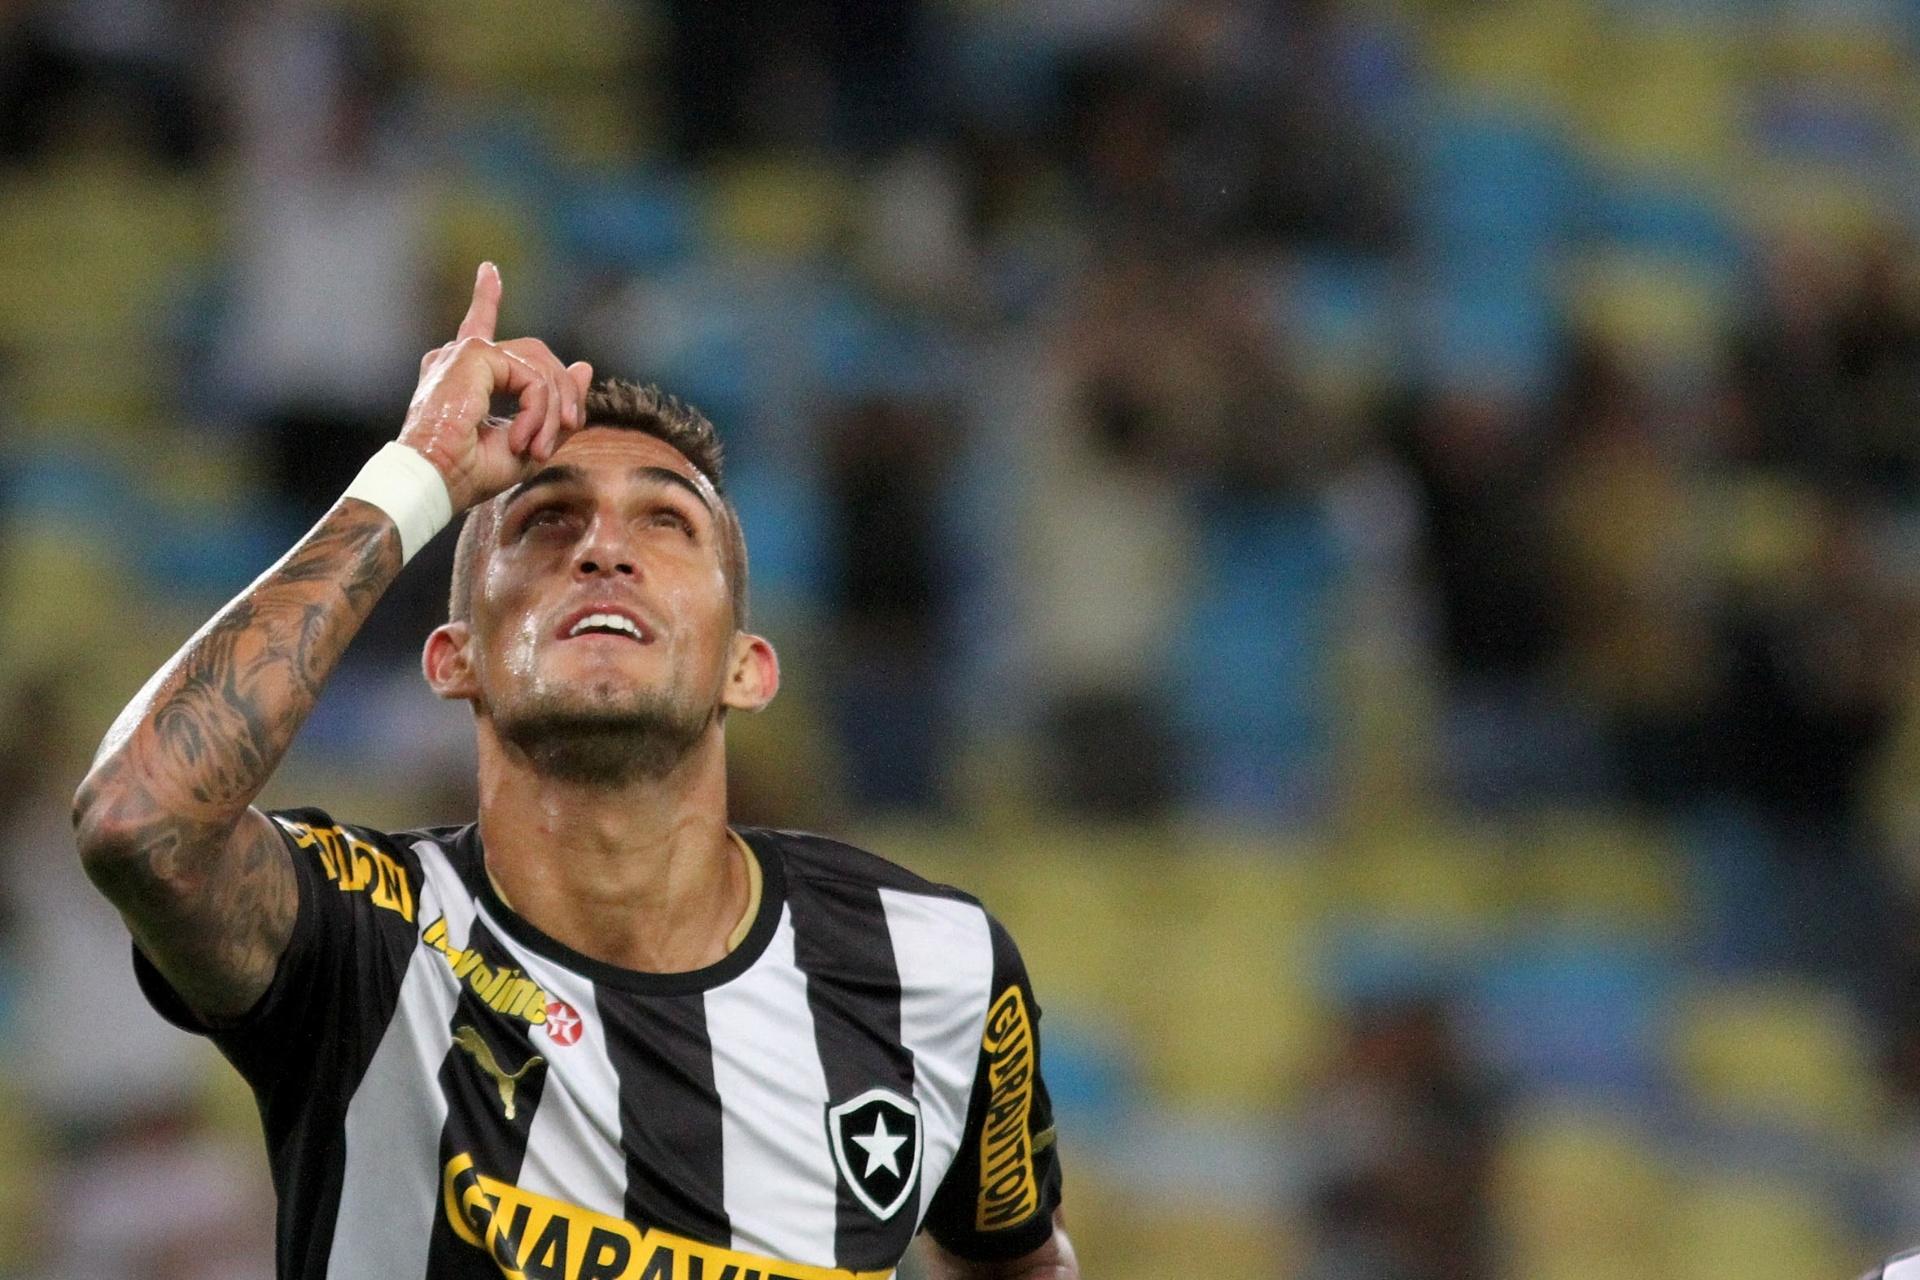 27c0c7262a Palmeiras espera tradução de contrato para anunciar Rafael Marques -  08 01 2015 - UOL Esporte